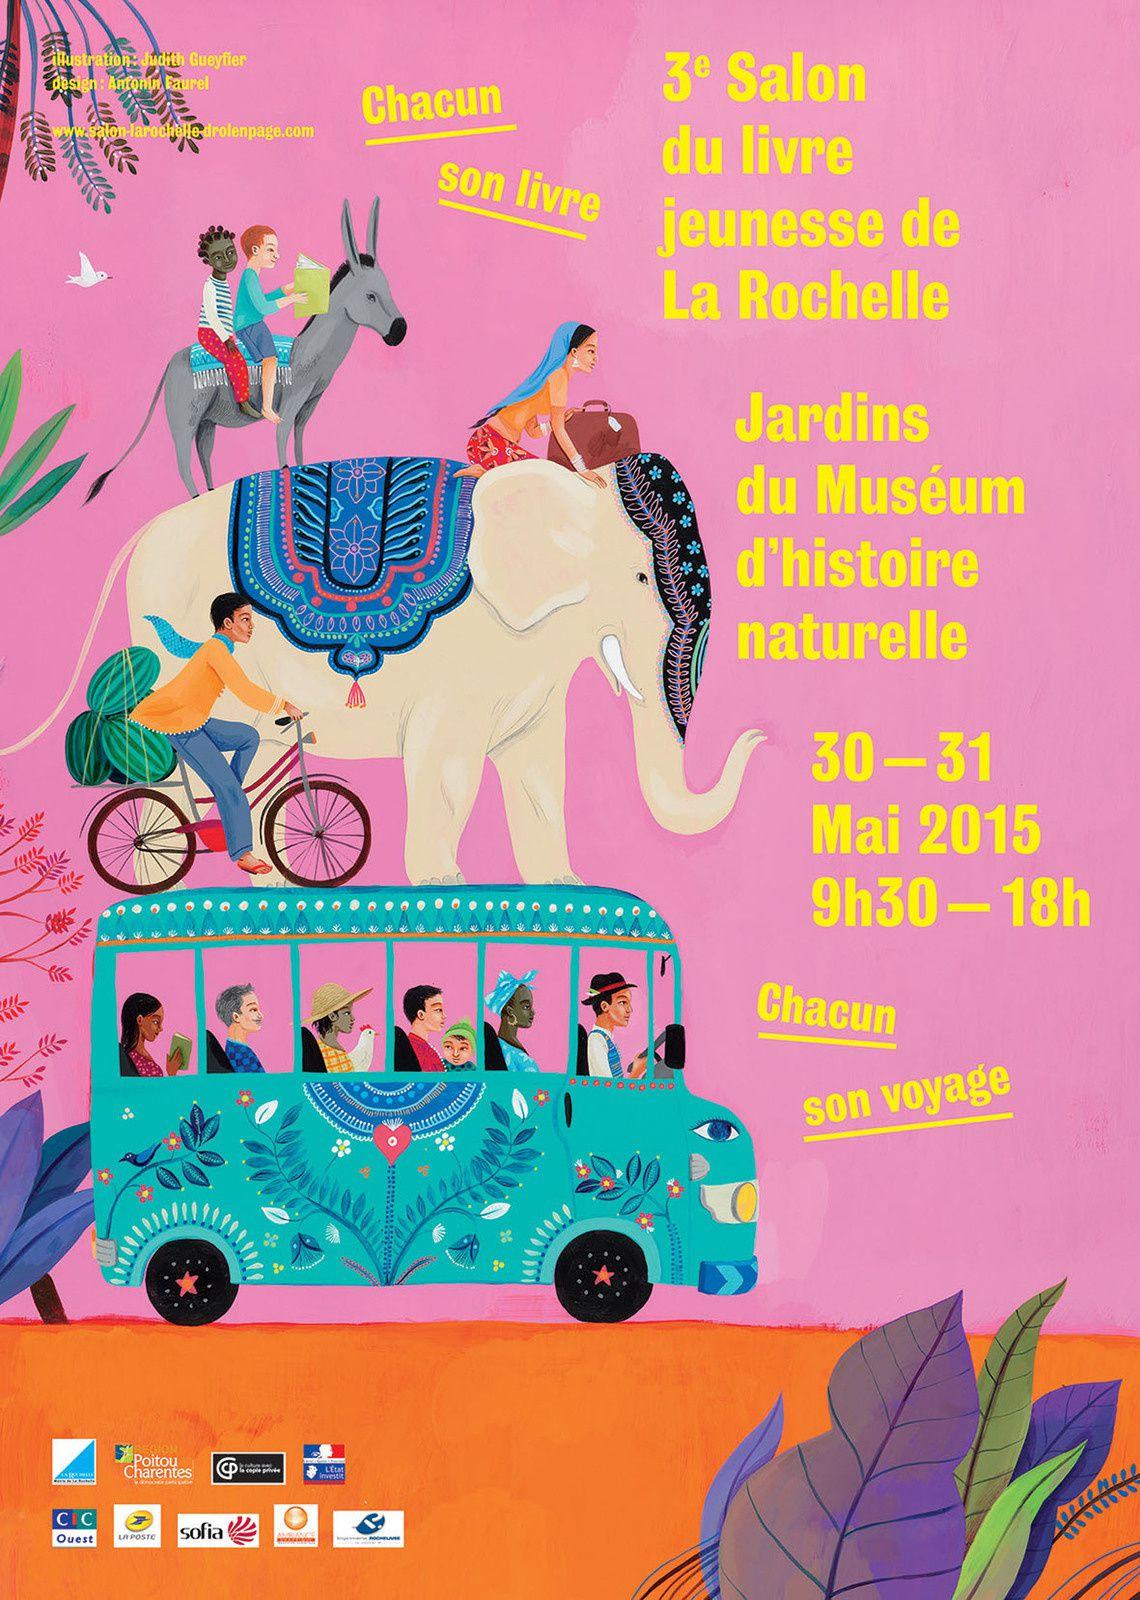 Salon du livre jeunesse de La Rochelle les 30 et 31 Mai 2015